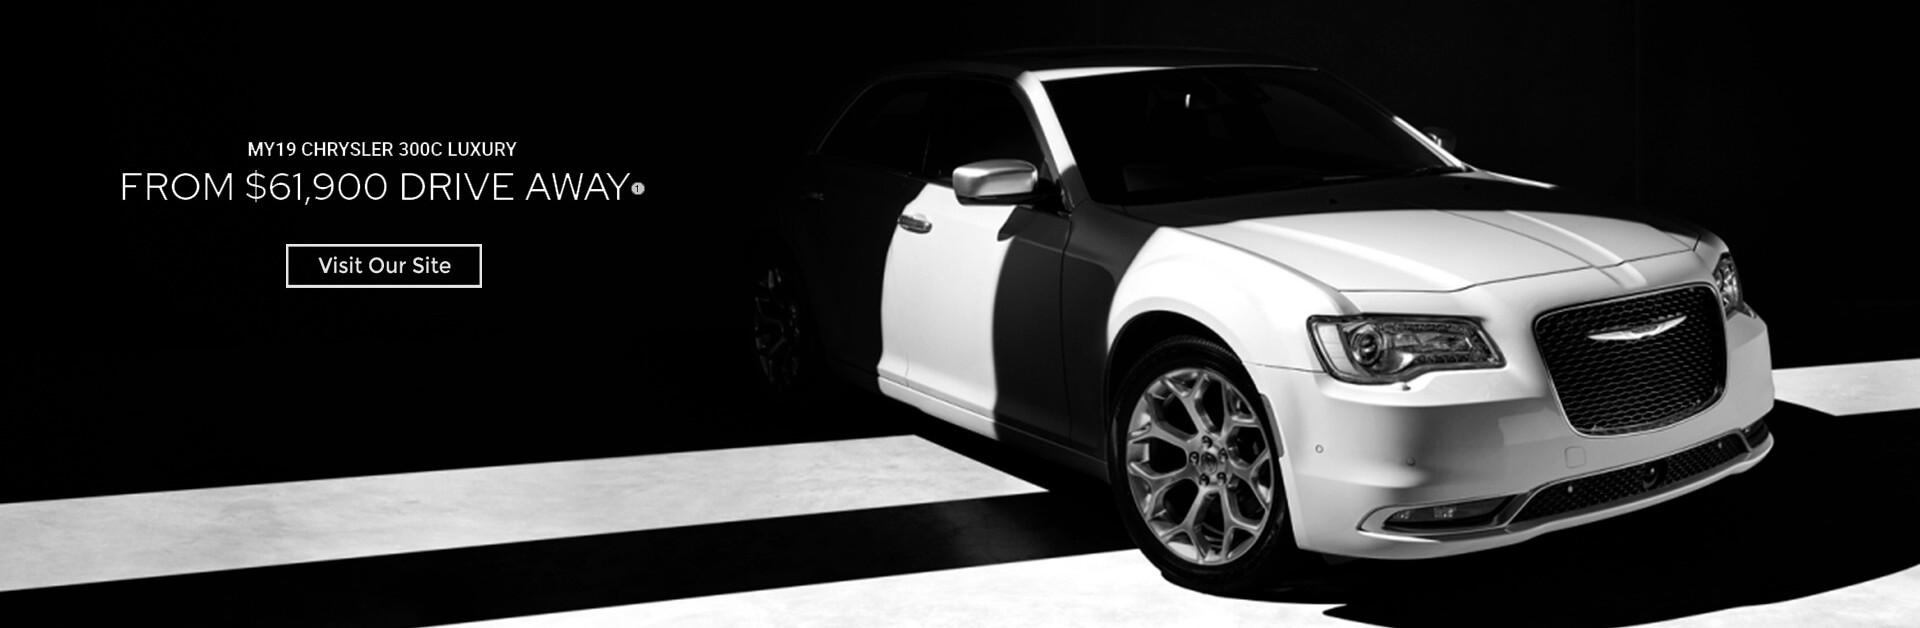 Chrysler Offers 2020